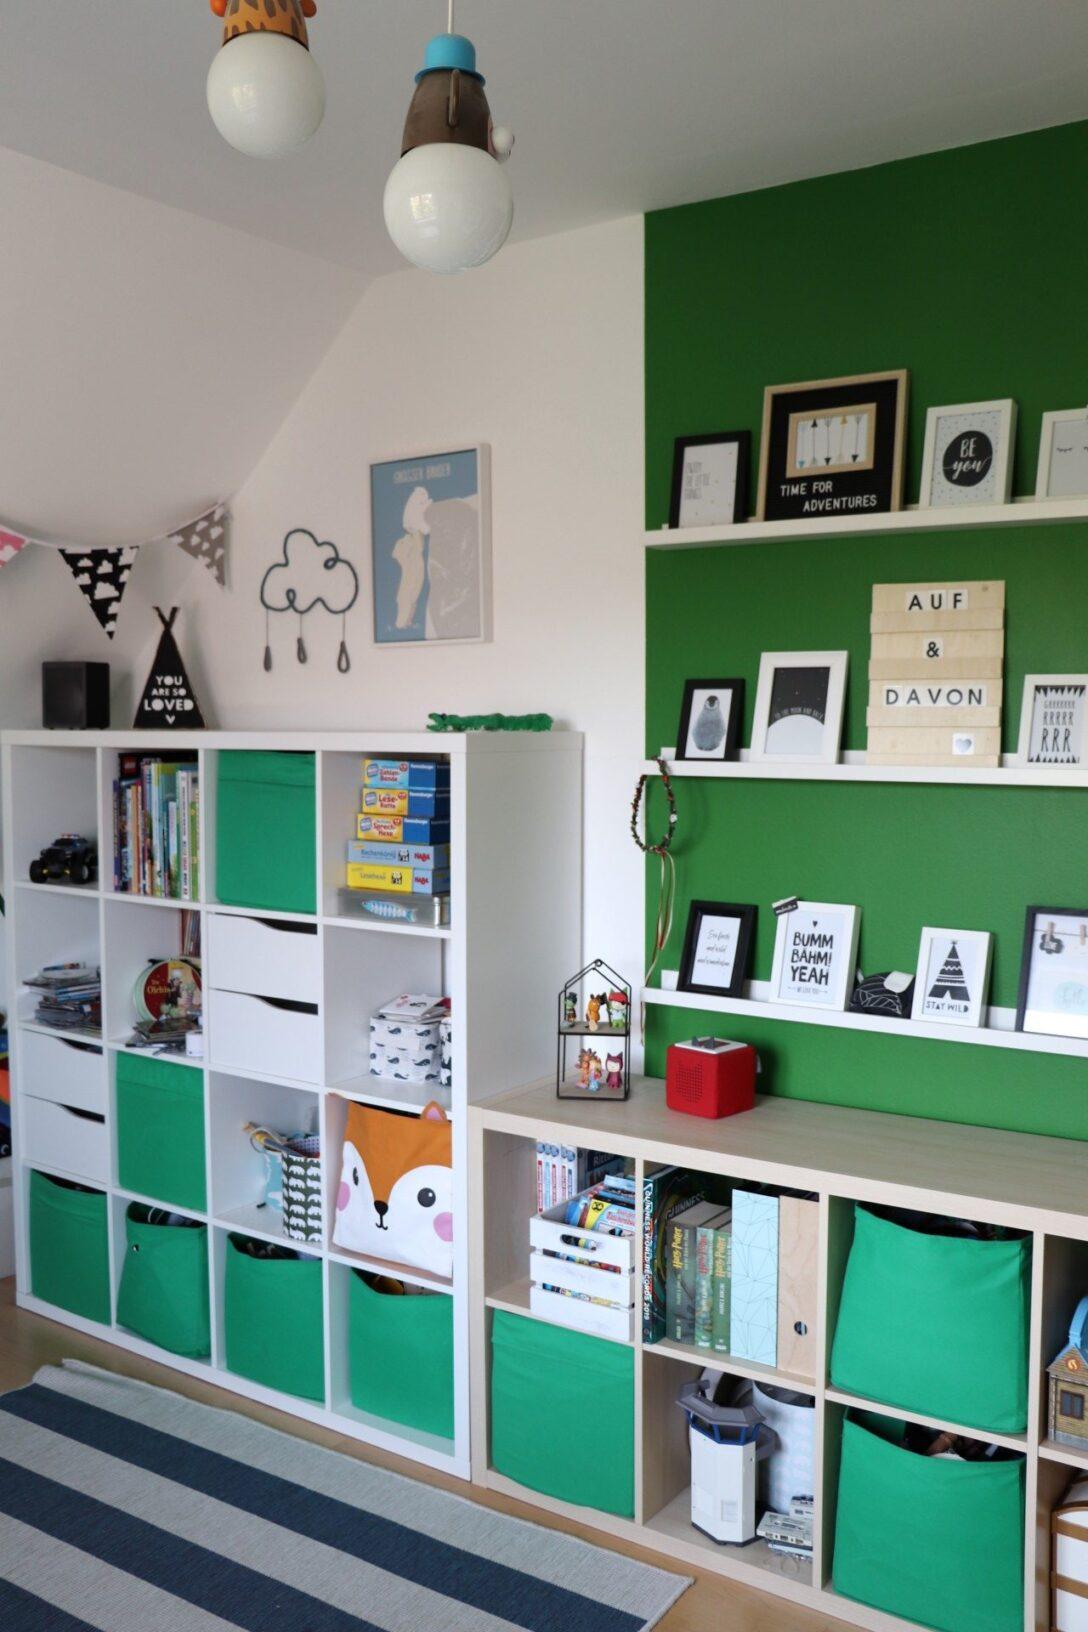 Large Size of Kinderzimmer Einrichten Junge 9 Jahre 3 Jungen 8 Dekorieren 4 Deko 7 6 Dekoration Ikea Ideen Wandgestaltung 5 1 Lavendelblog Regale Sofa Regal Weiß Kinderzimmer Kinderzimmer Jungen